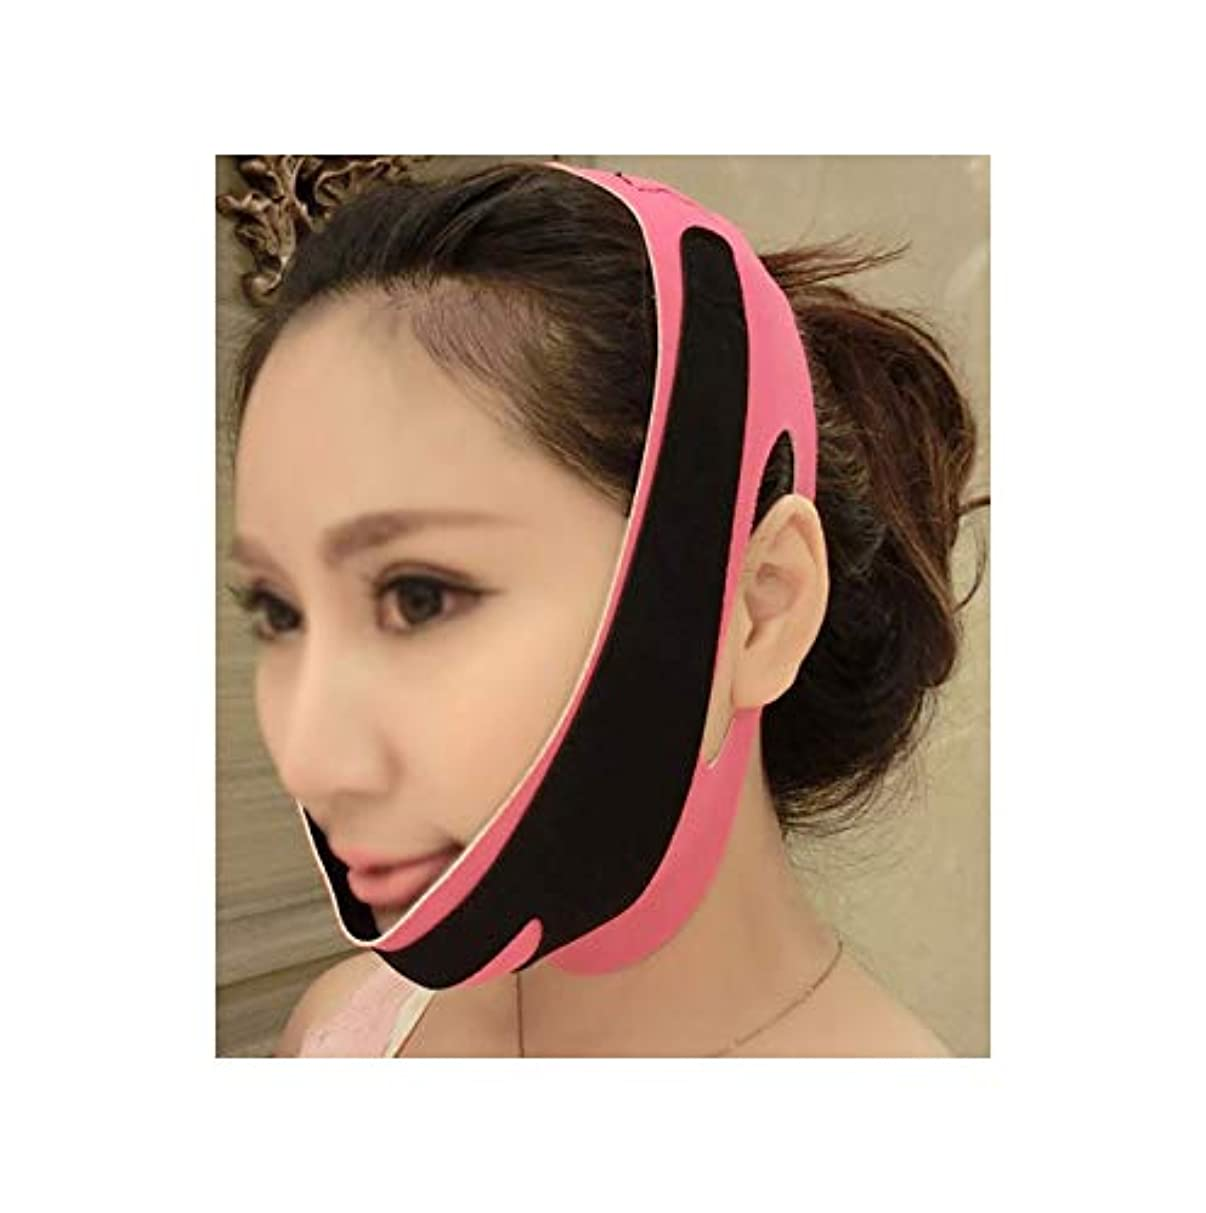 求人新しさフィードオン薄い顔の包帯の顔のスリムを取り除く二重あごを取り除くVラインの顔の形を作成するあごの頬リフトアップアンチリンクルリフティングベルトフェイスマッサージツール女性と女の子用(3フェイス包帯)